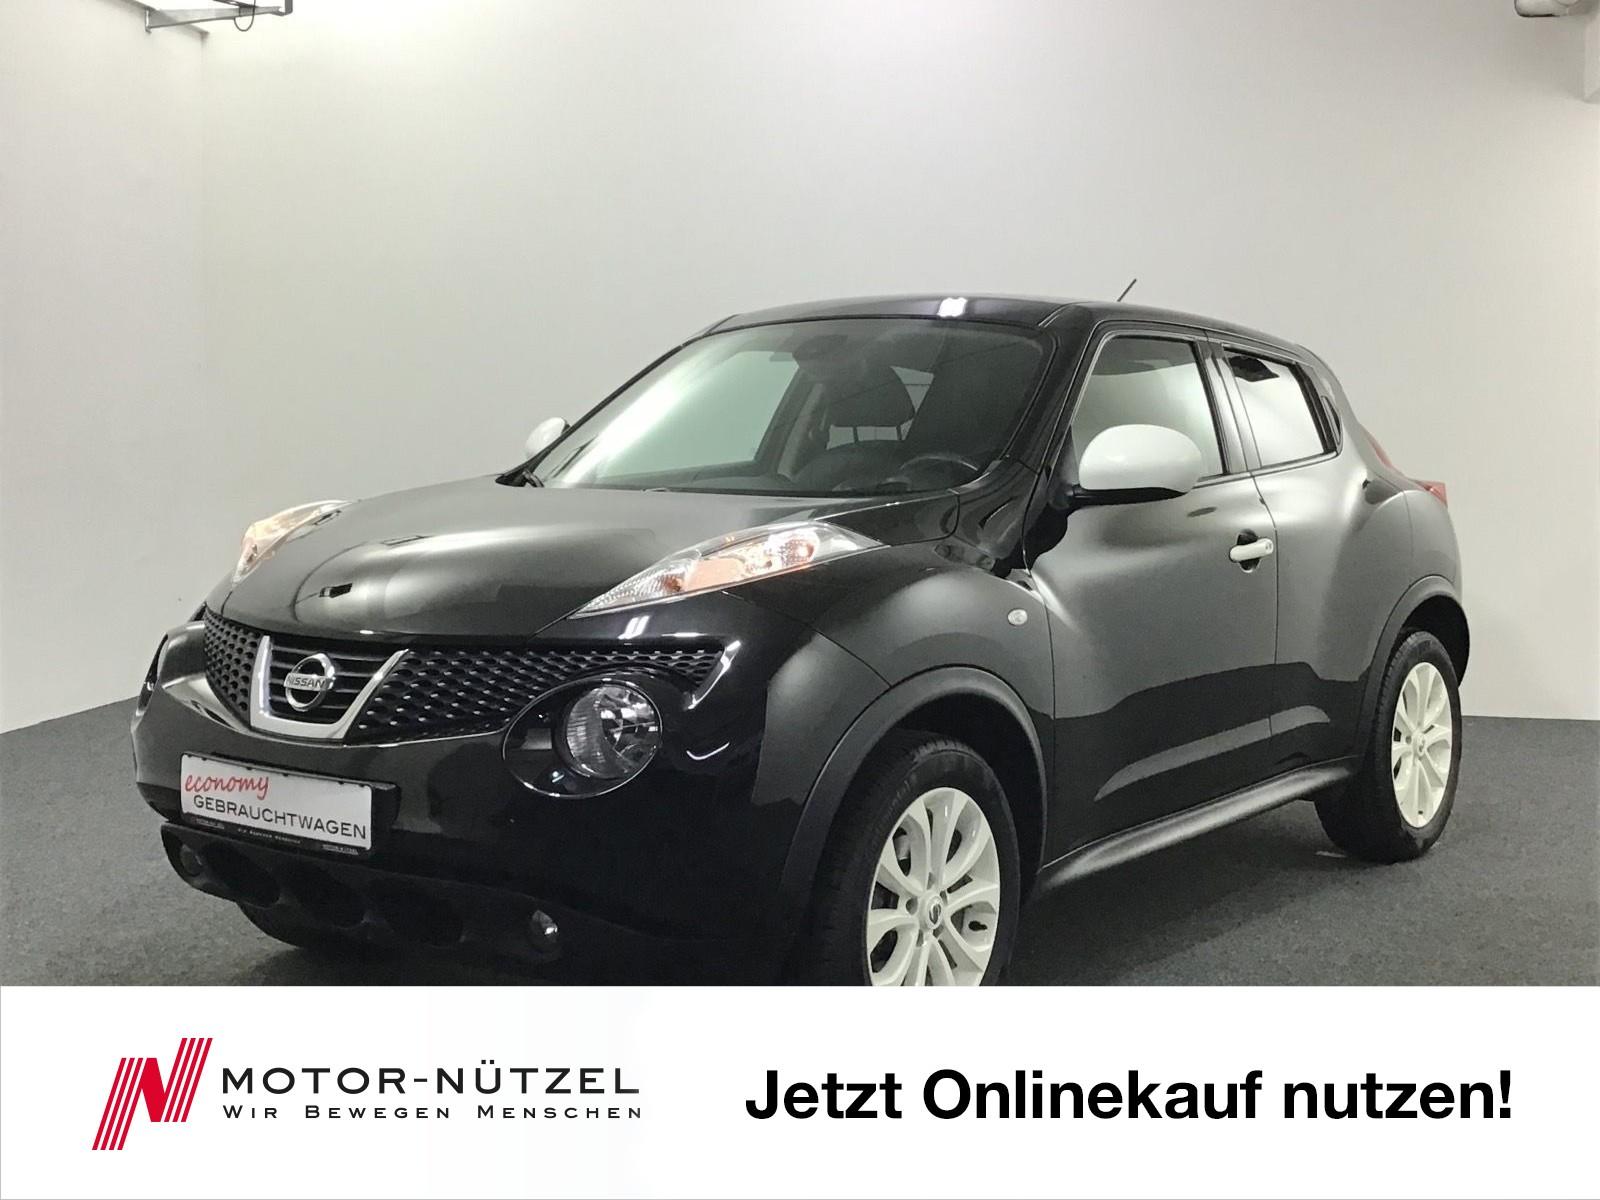 Nissan Juke 1.6 VISIA NAVI+LEDER+KLIMAAUTOMATIK, Jahr 2013, Benzin